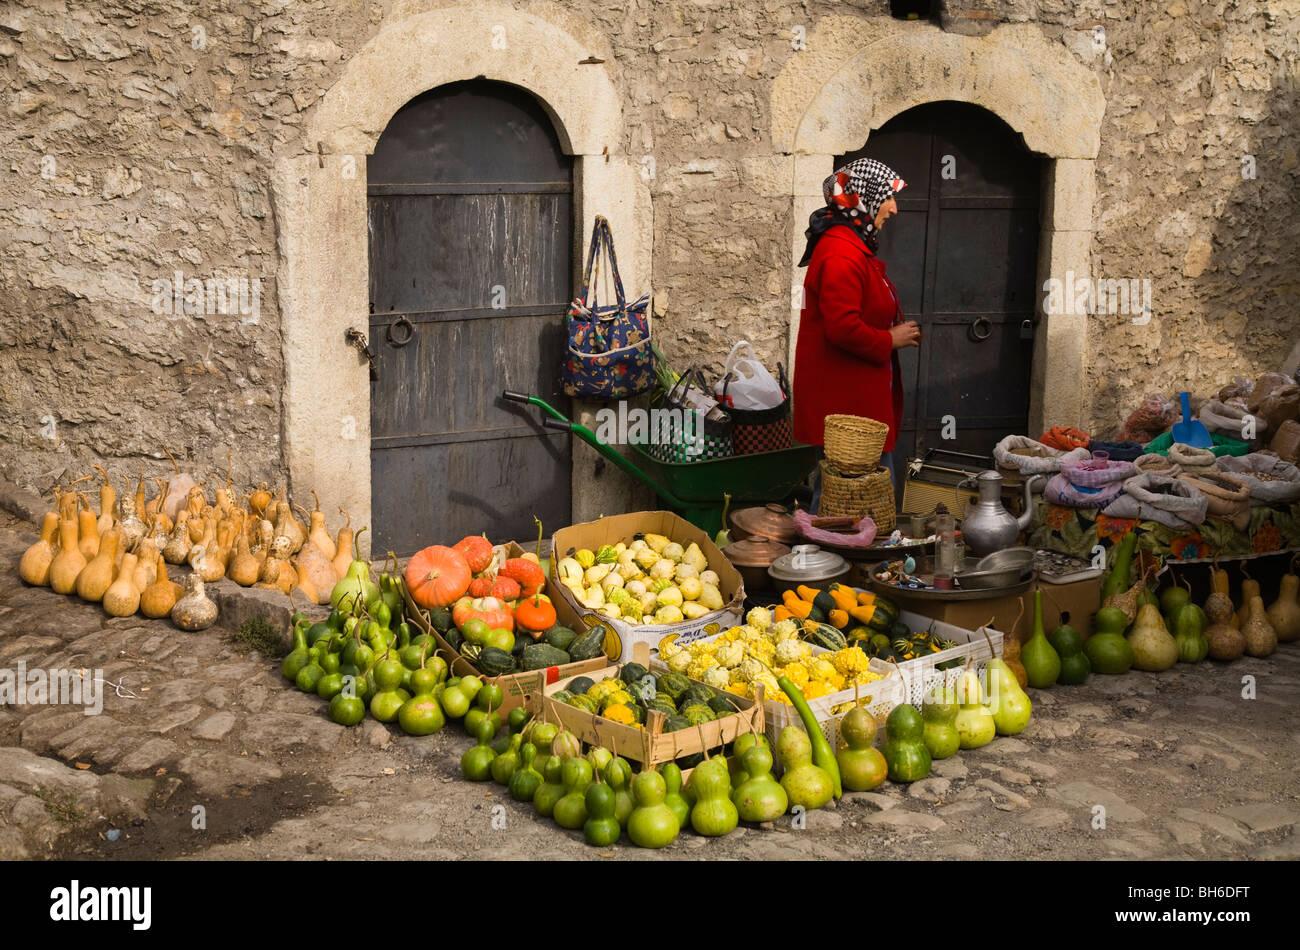 Calebasse et citrouilles dans un marché de rue, Safranbolu Turquie Photo Stock